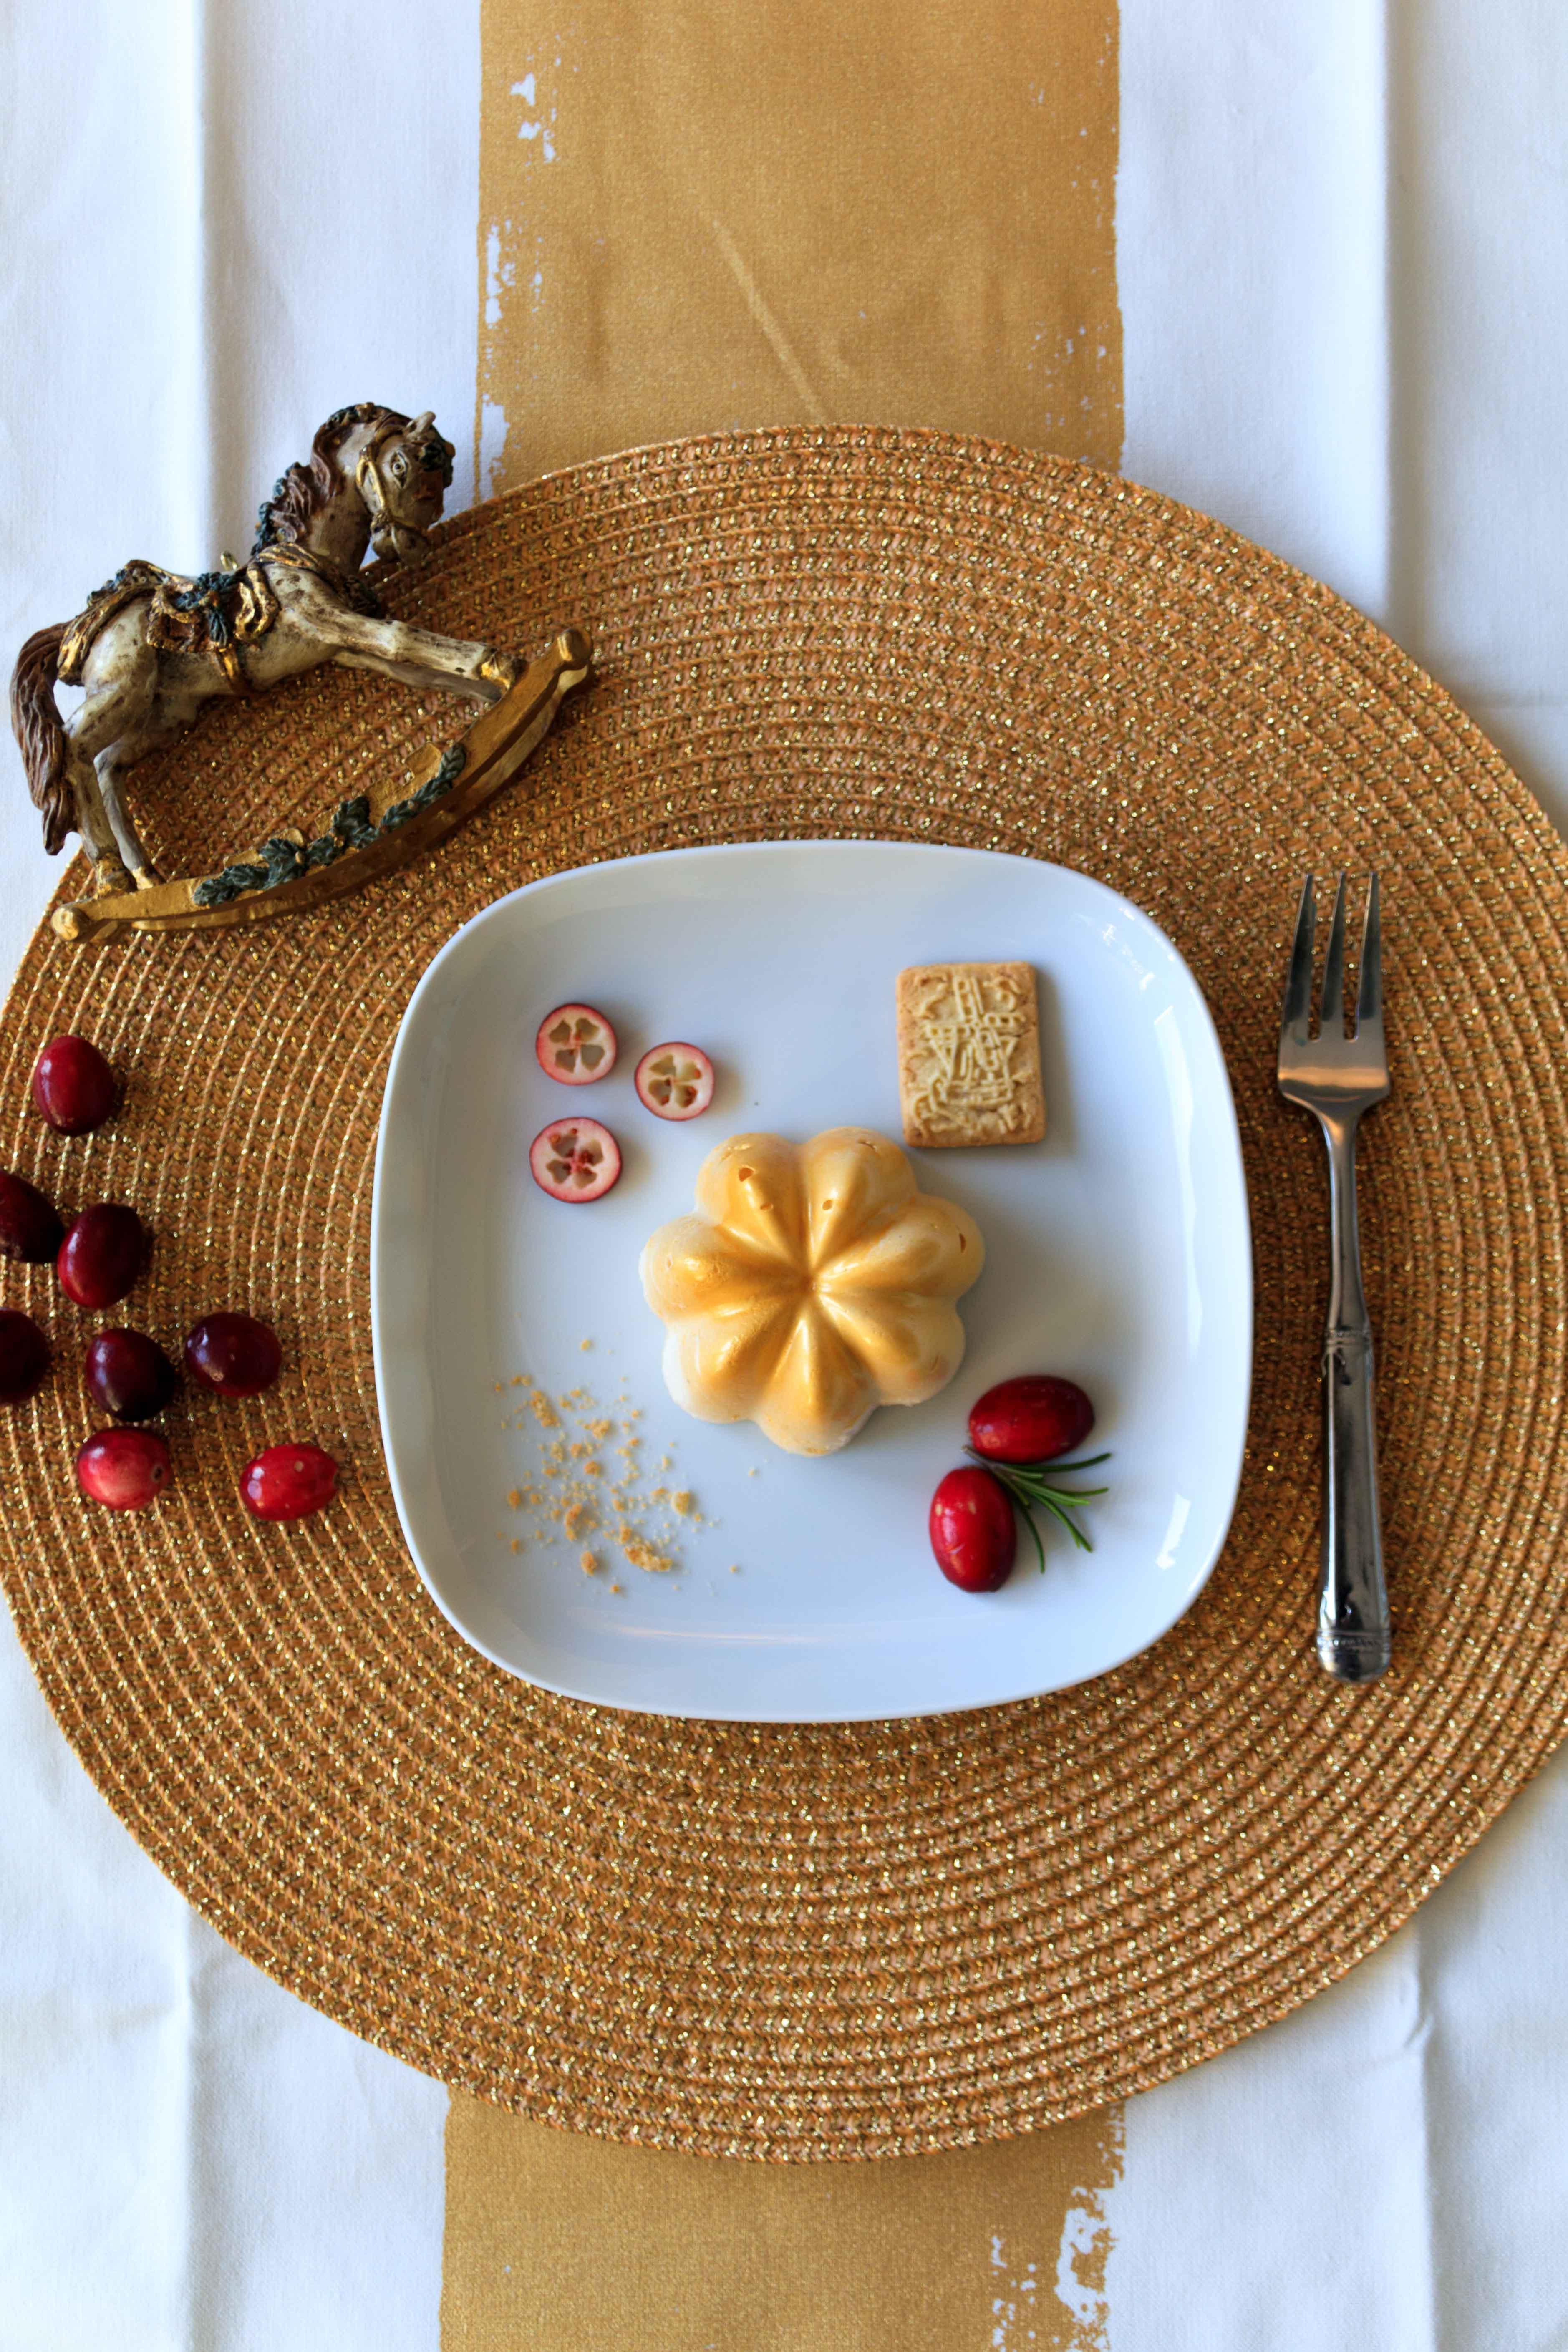 Tipps für Weihnachten: Spekulatius Mousse (auch in laktosefrei) //  Spice Cookie Mousse by  http://babyrockmyday.com/spekulatius-mousse/